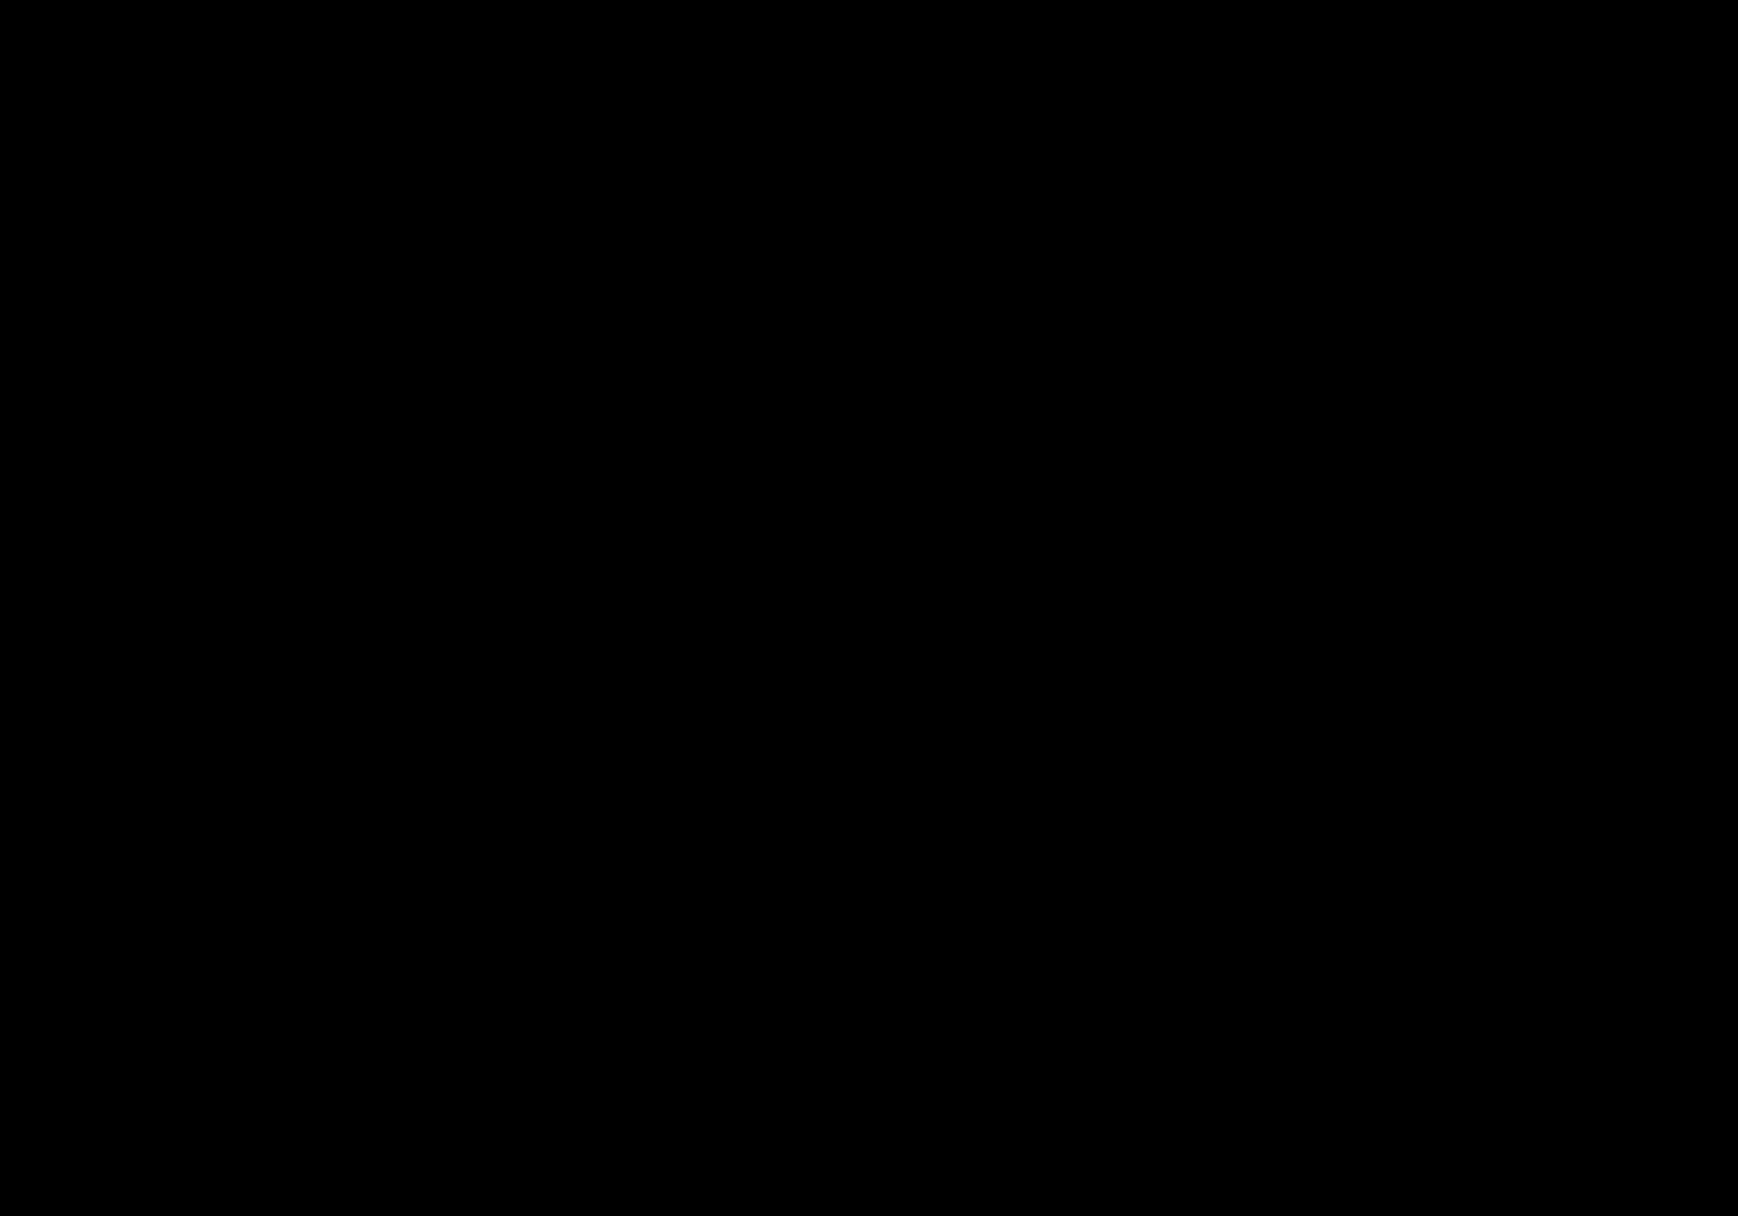 Aktstudie 42×57